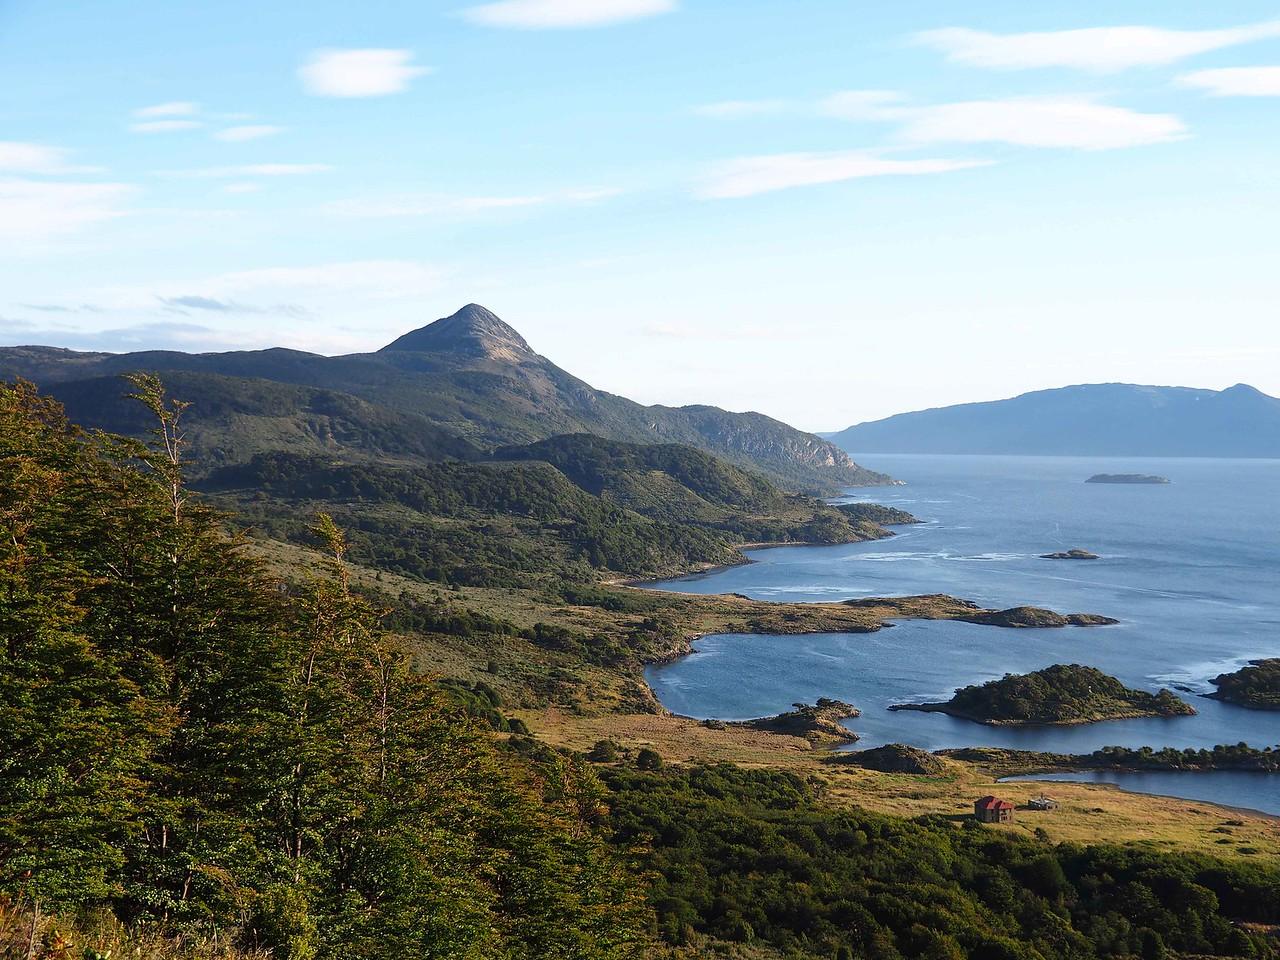 Looking south, Wulaia Bay and Isla Navarino